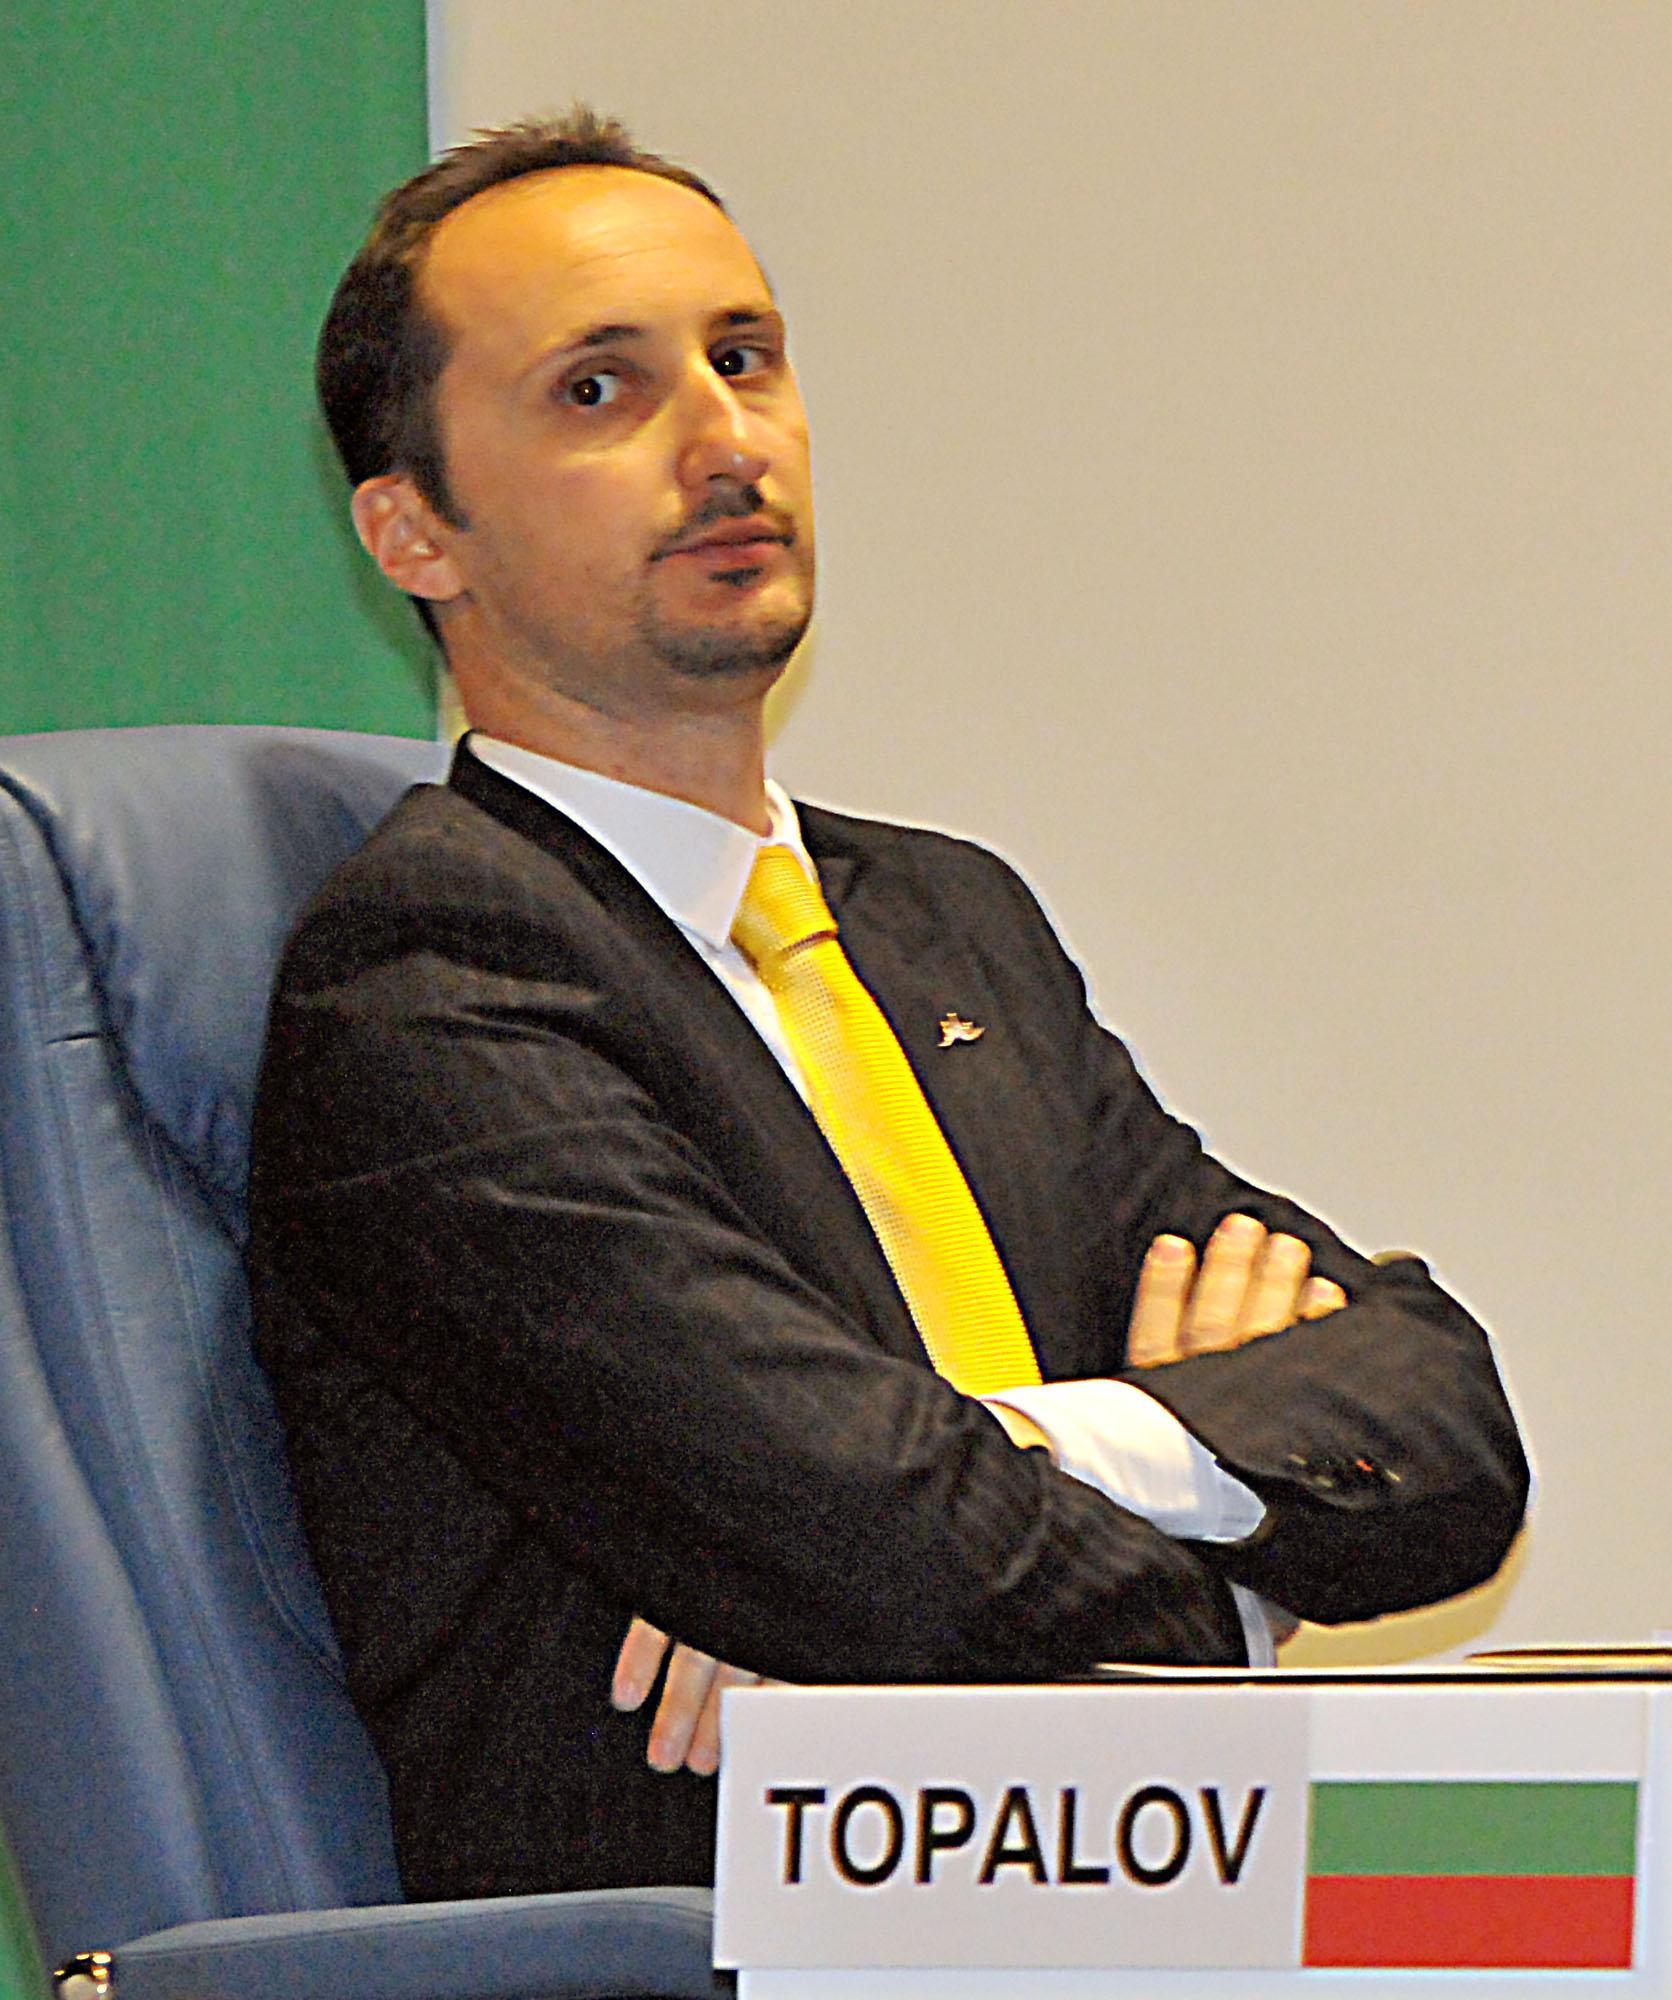 Веско Топалов води на турнир в Швейцария